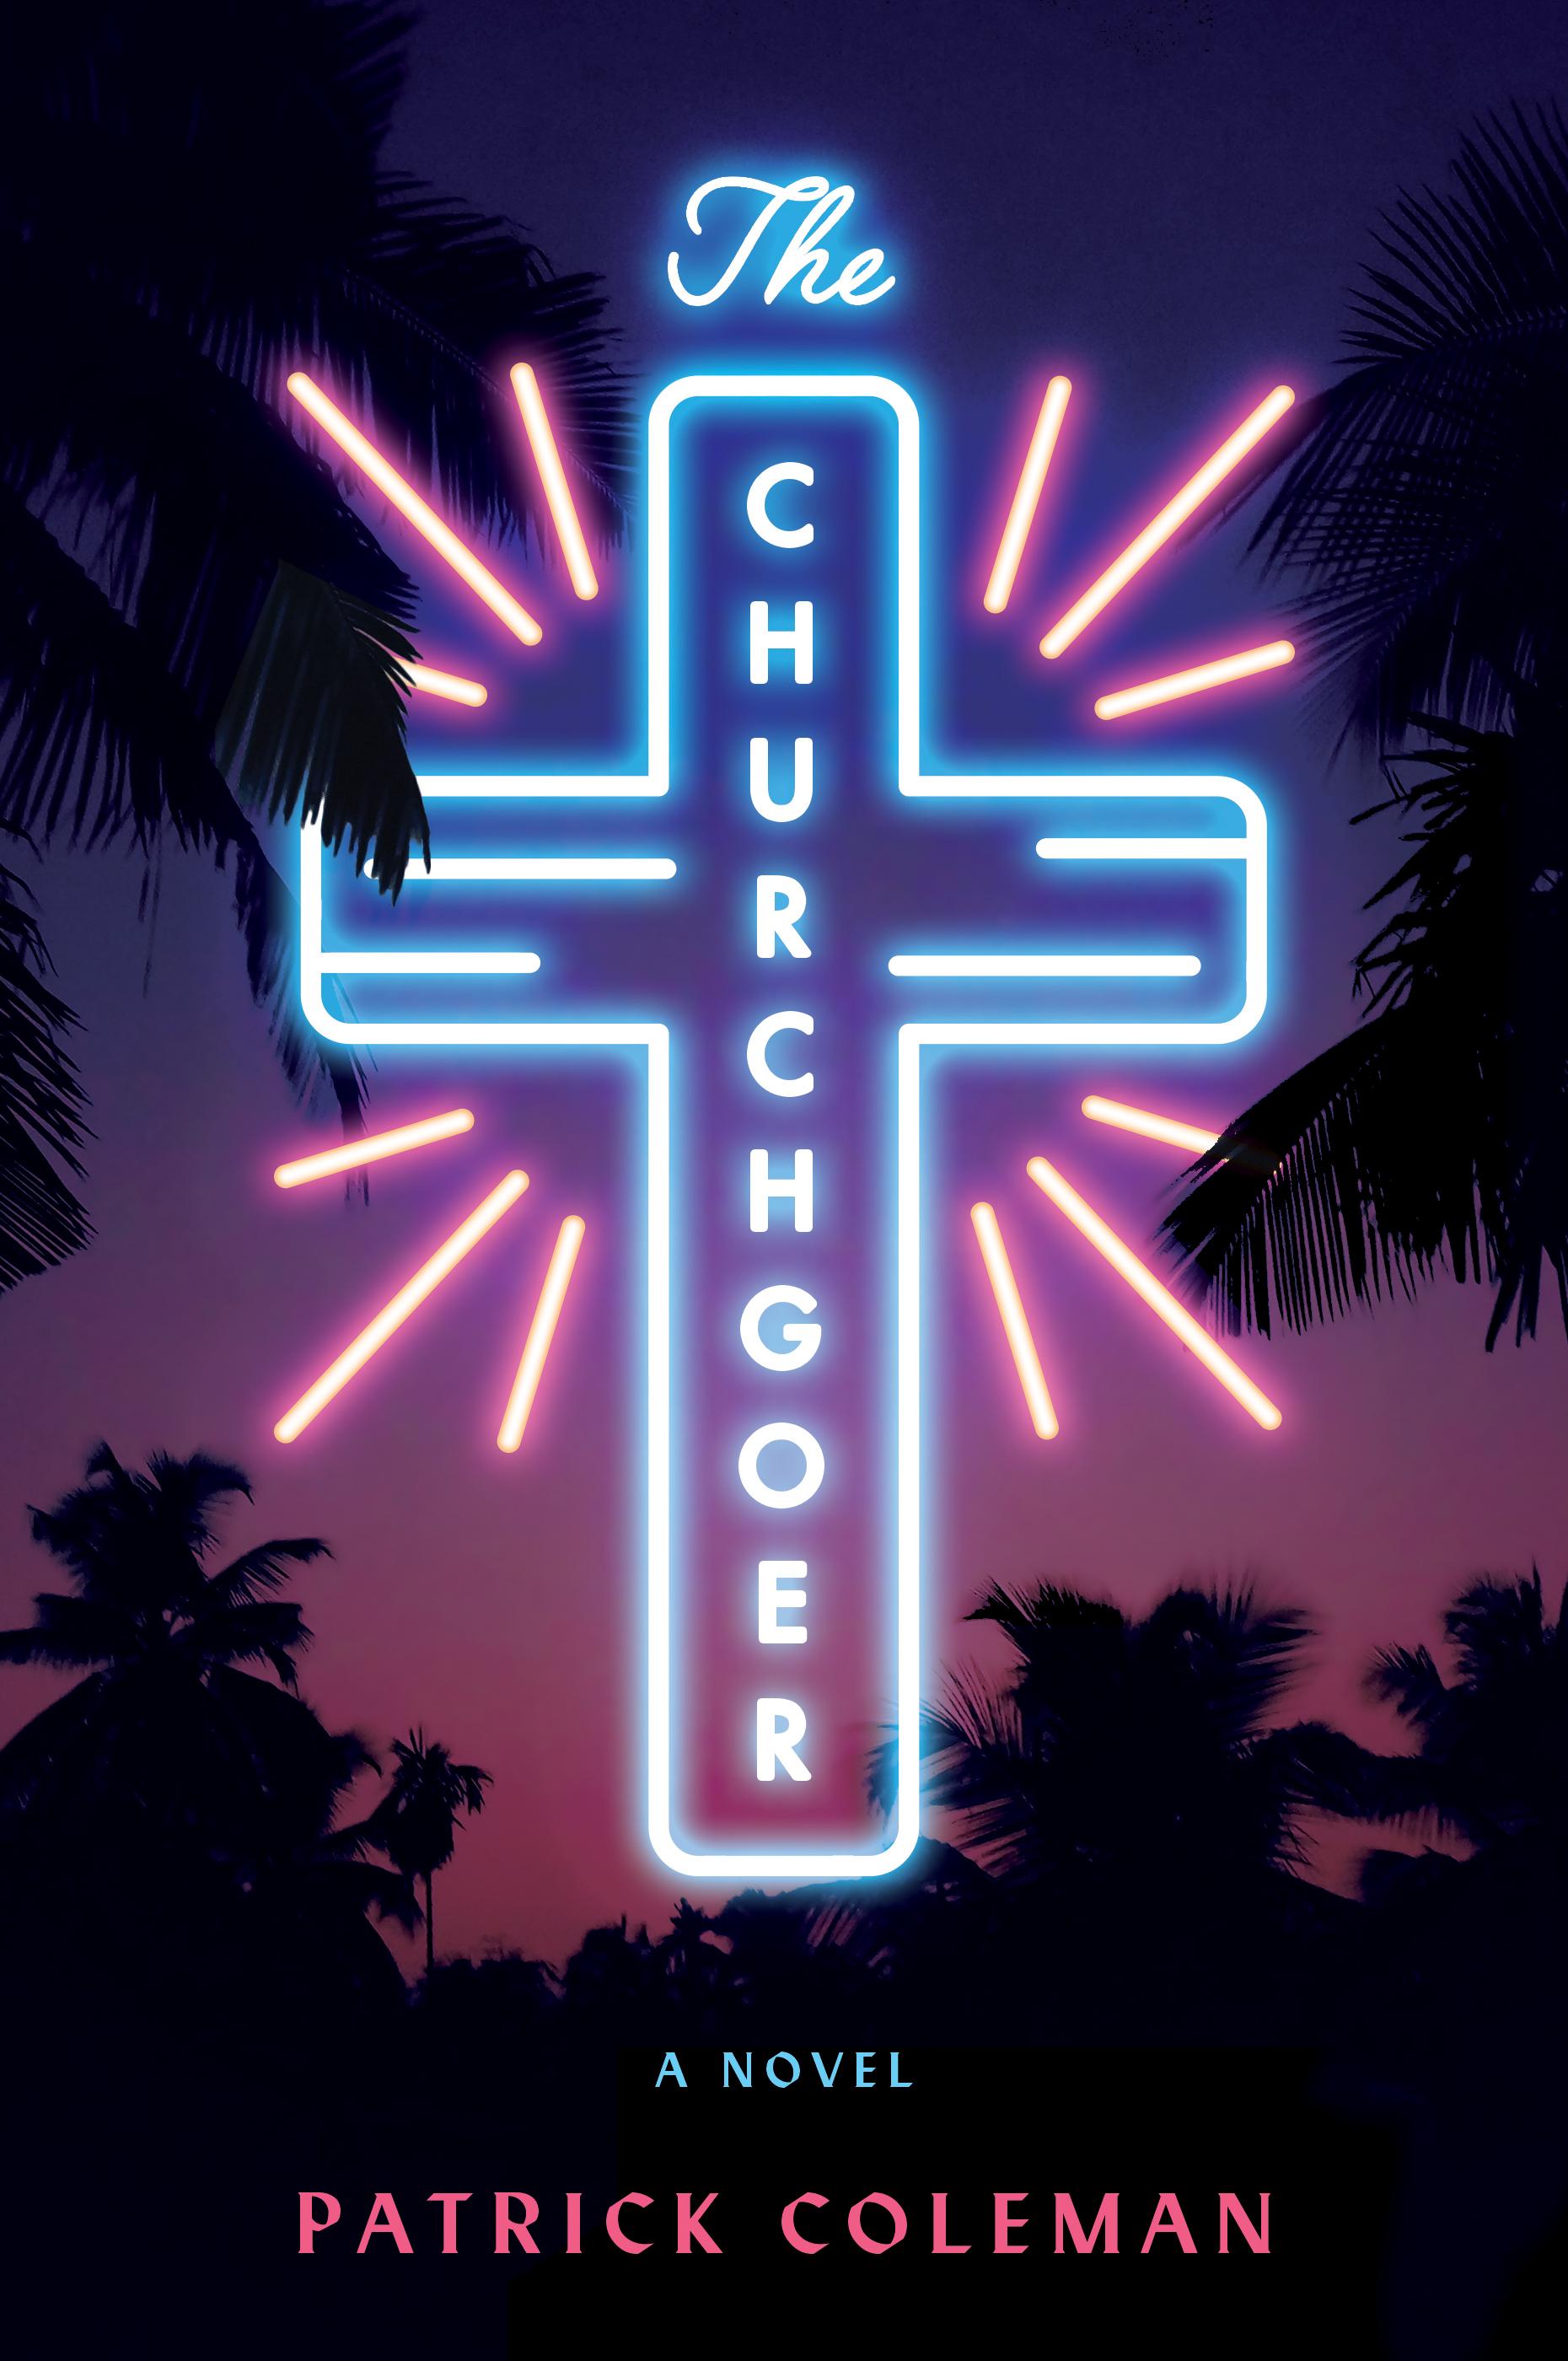 Churchgoer_Revised.jpg